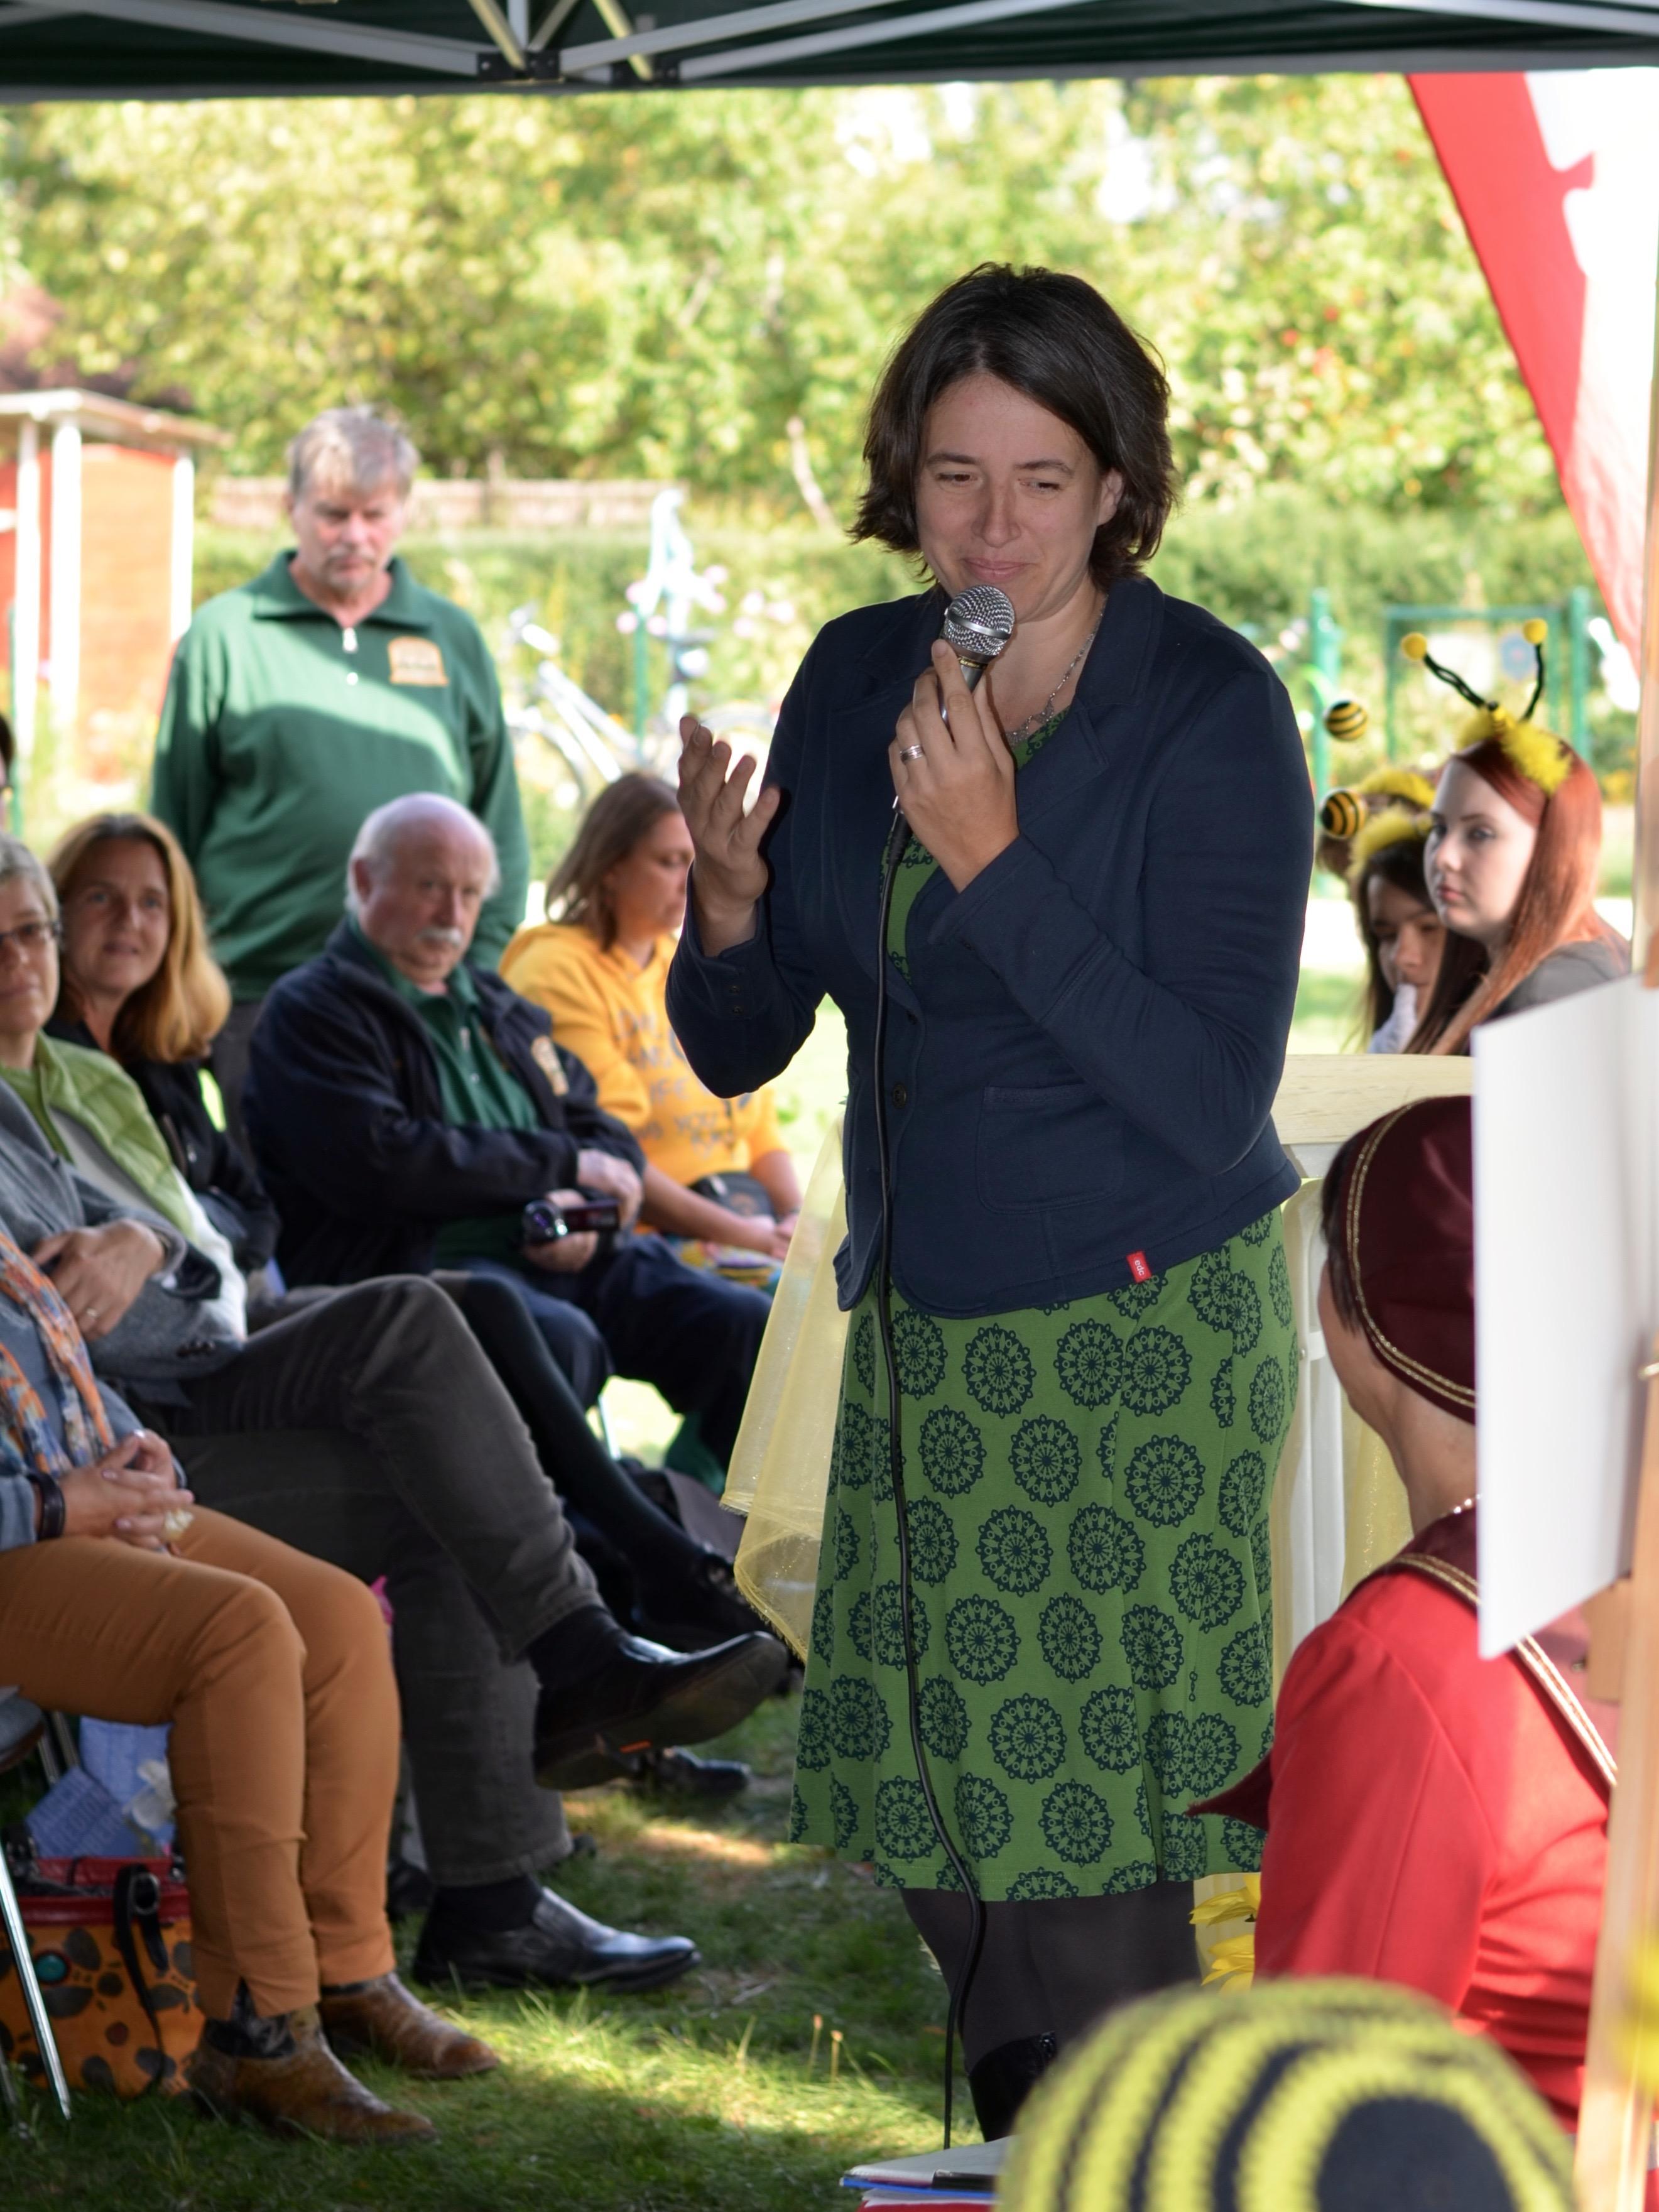 Grußworte von Franziska Haas (Vorstand des Interkulturellen Garten Bamberg e. V.) zur Eröffnung der Bienen-InfoWabe am 20.09.2015